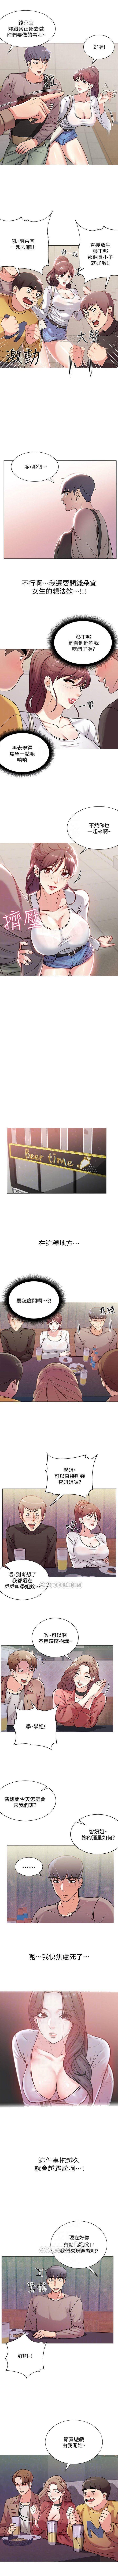 (週3)超市的漂亮姐姐 1-22 中文翻譯(更新中) 60